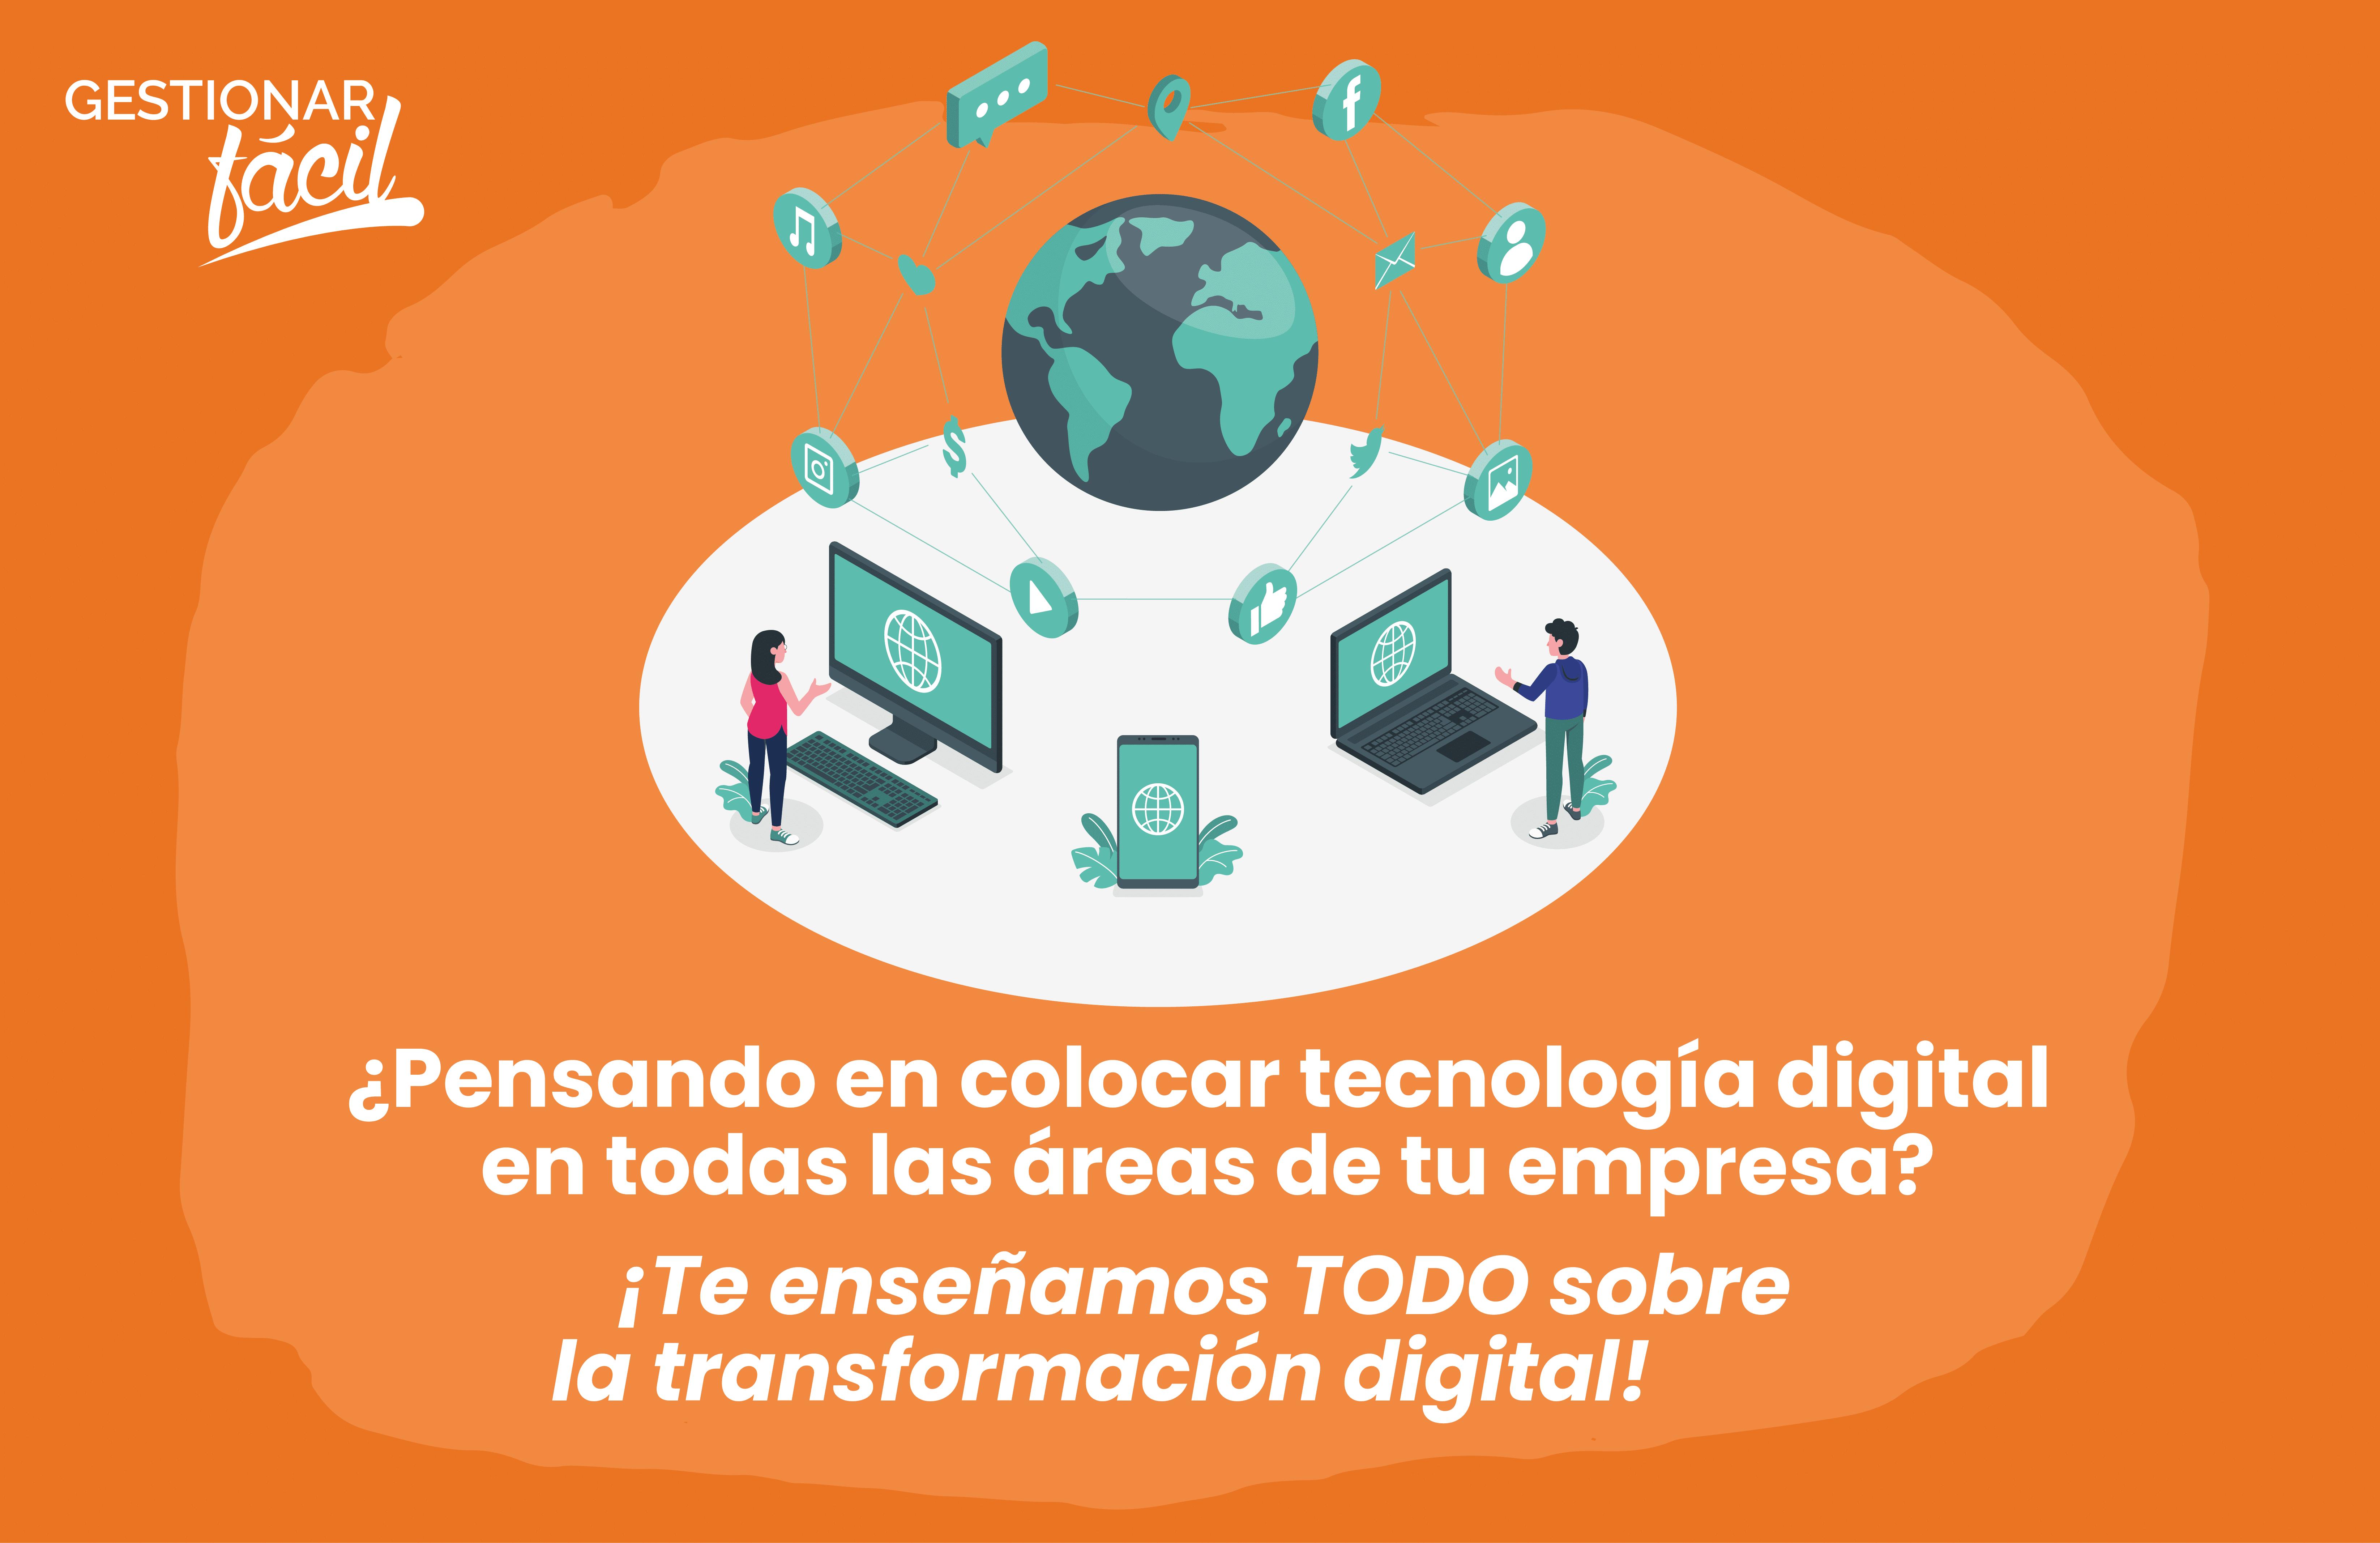 ¿Qué es la transformación digital? ¡Te lo explico fácil!